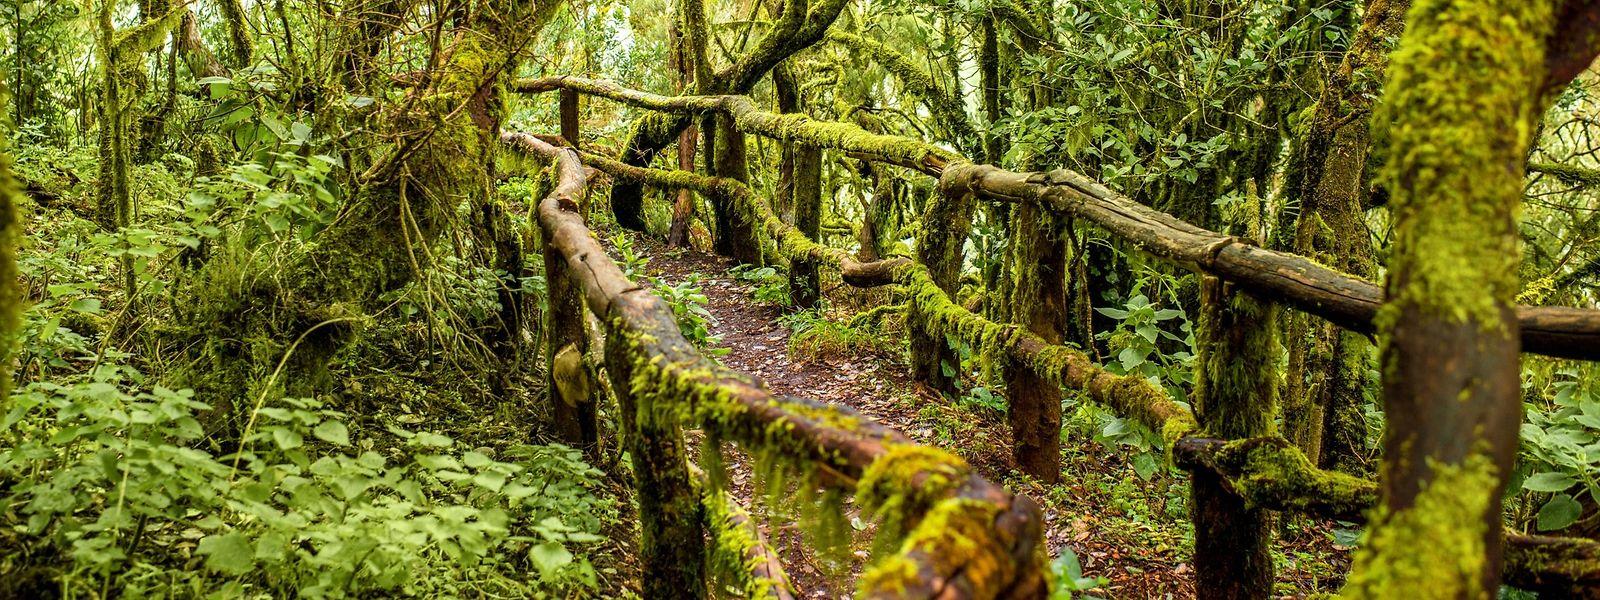 Gäste aus Mitteleuropa können im Garajonay-Nationalpark auf La Gomera auch im Winter die volle Pracht der Natur erleben.